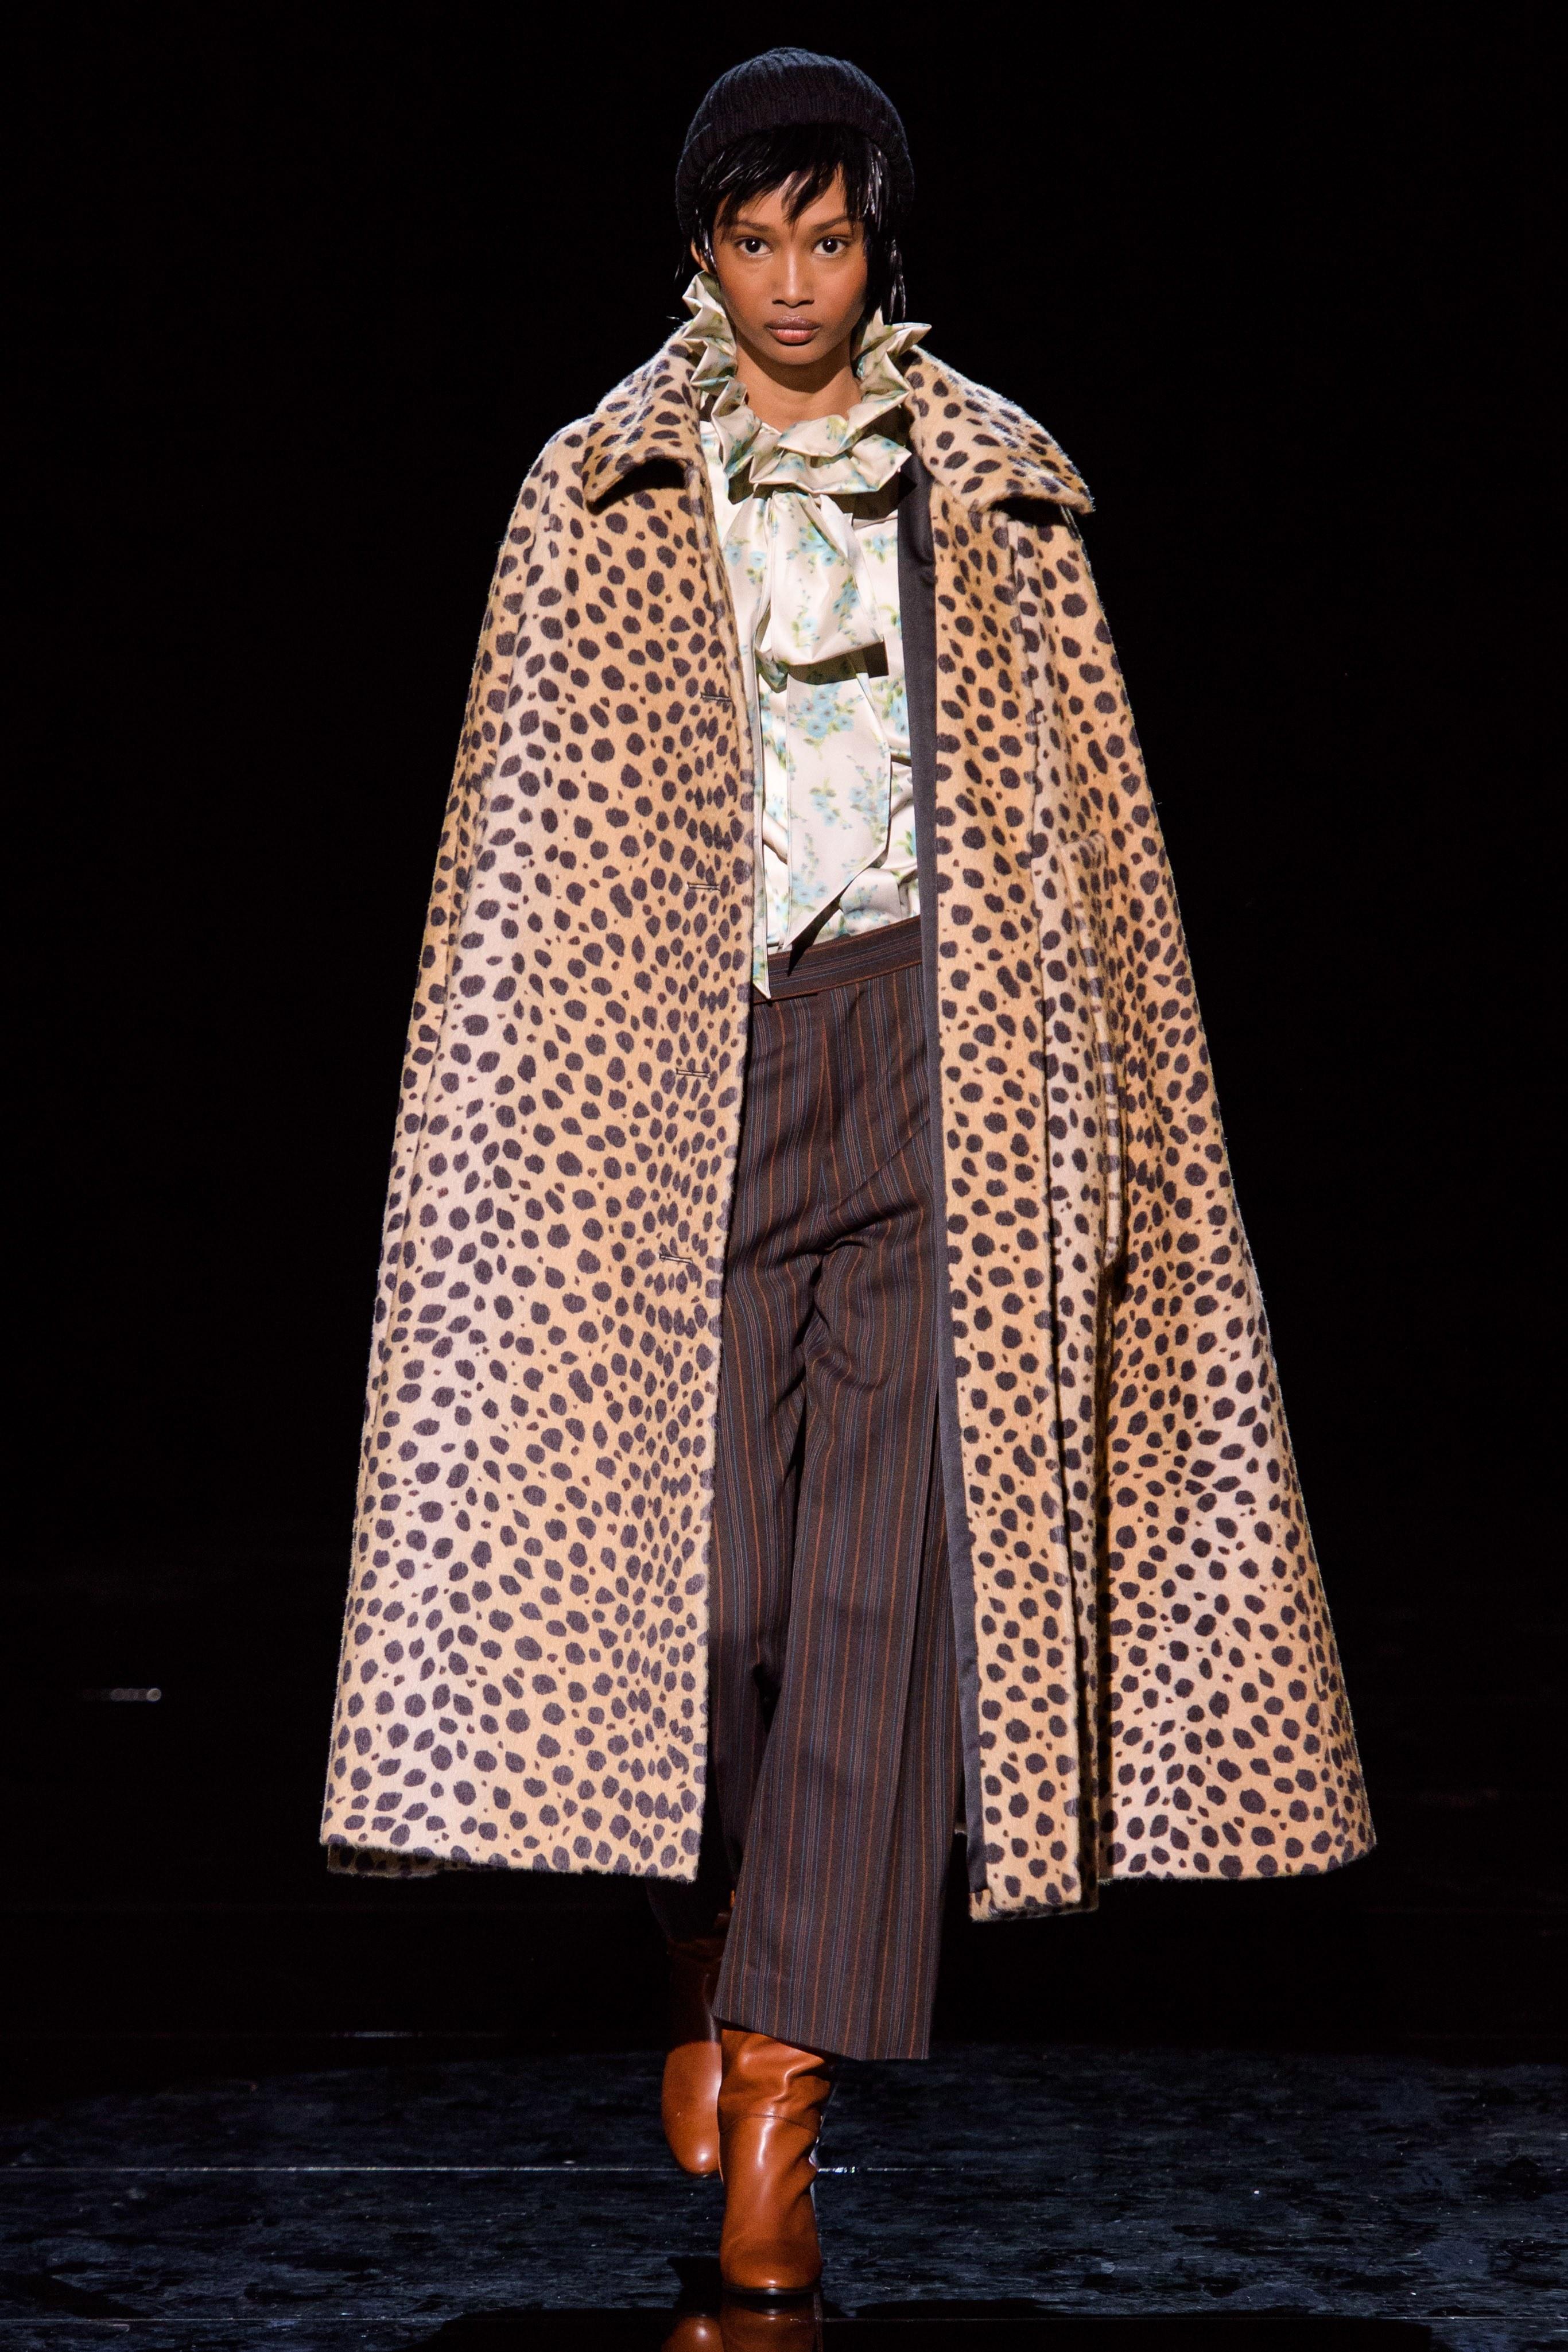 المعطف الكاب موضة هذا الشتاء من Marc Jacobs